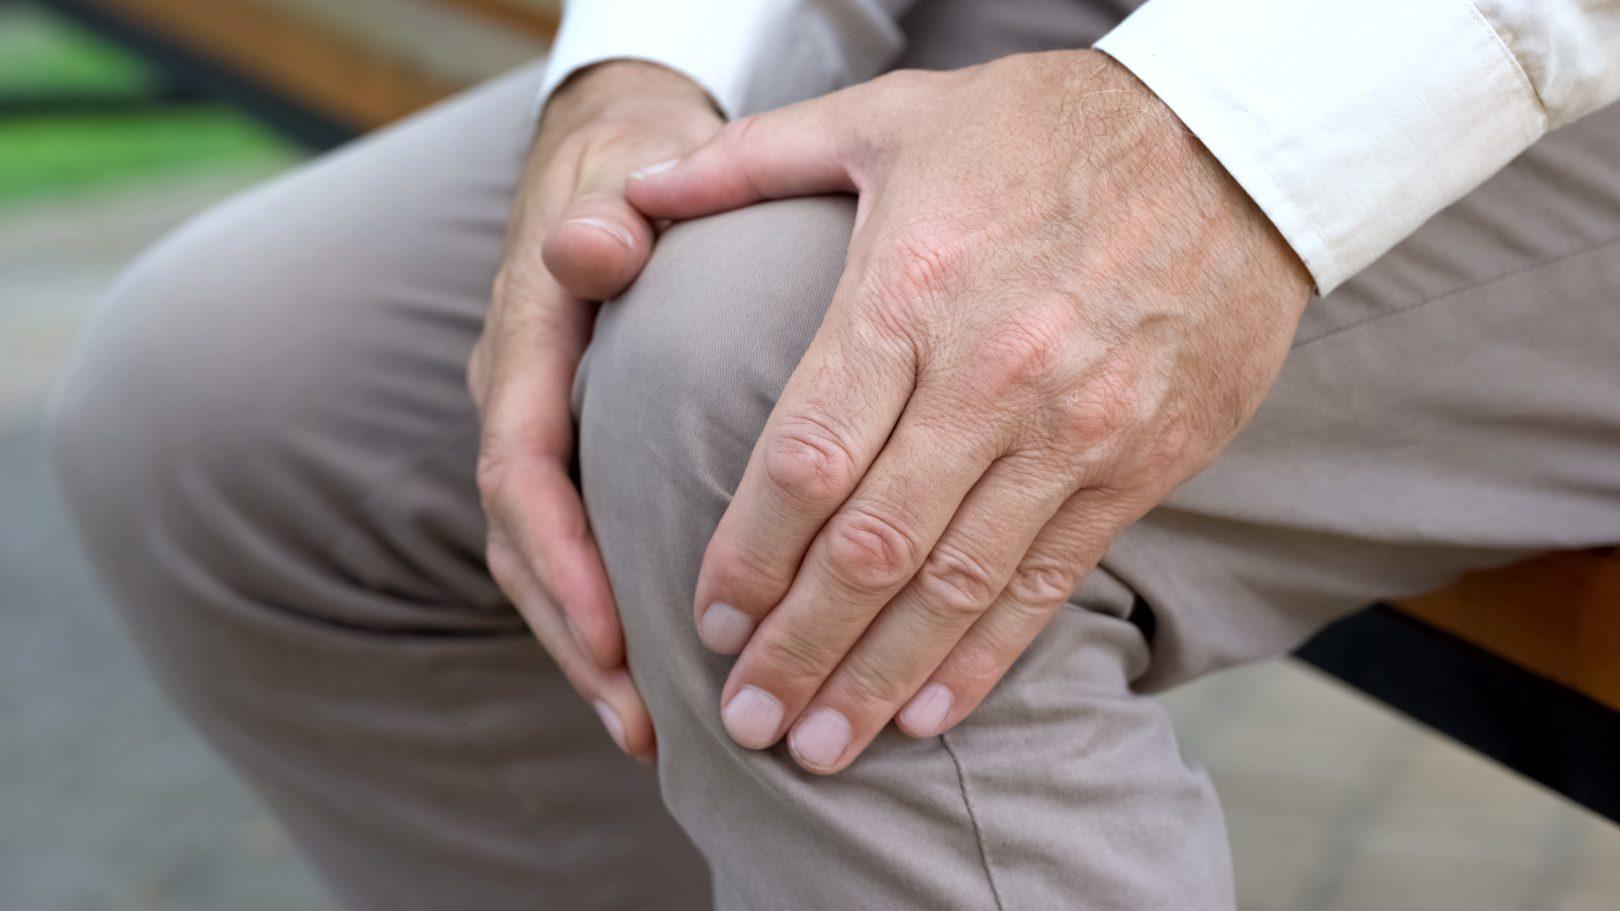 Orthopaedic Negligence